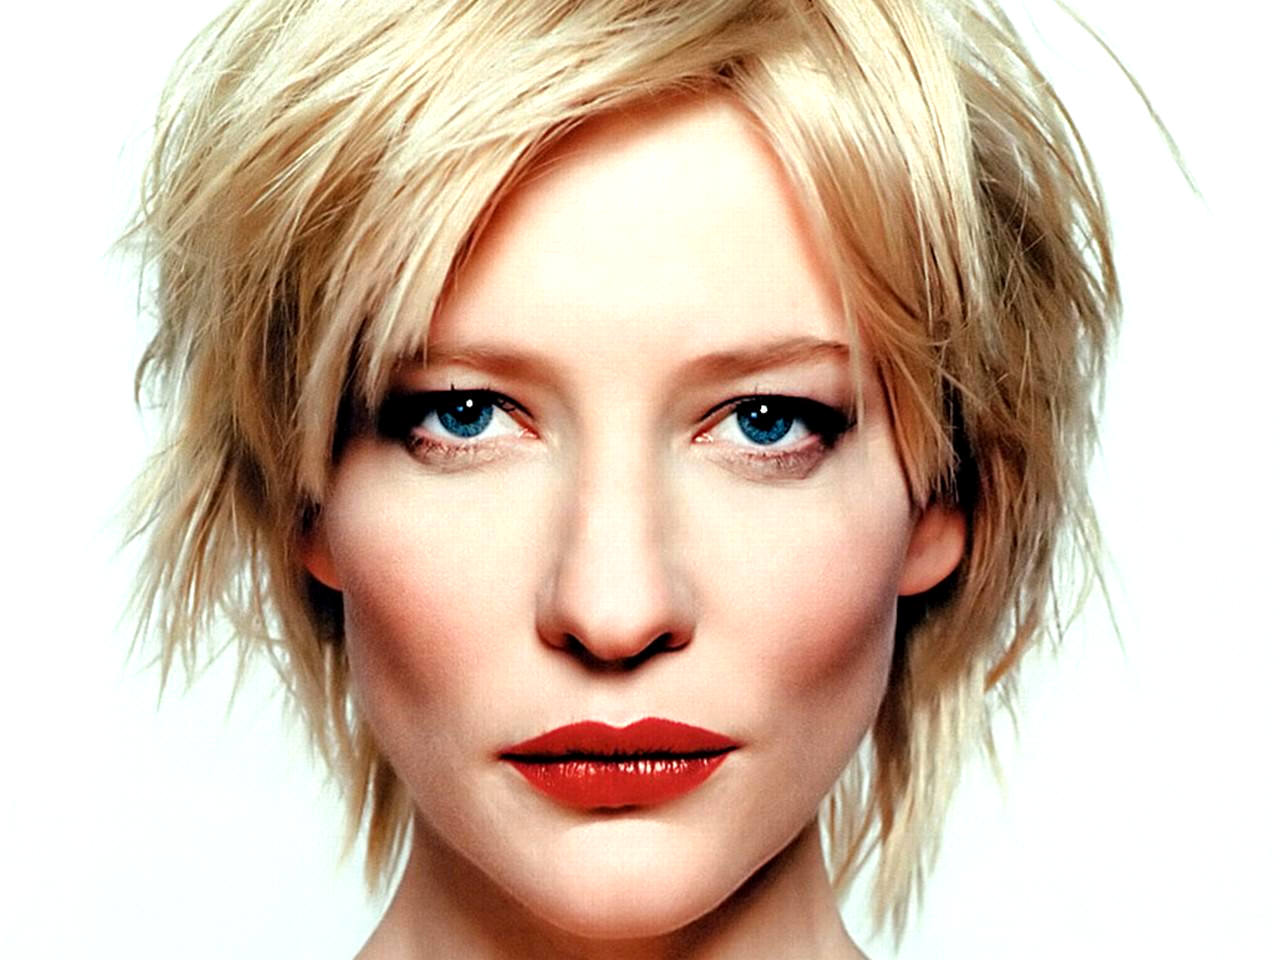 http://1.bp.blogspot.com/_Si7zjQmZnm4/SpC0DdQVmuI/AAAAAAAAEss/DdoRIalxsWU/s1600/Fullwalls.blogspot.com_Cate_Blanchett%2824%29.jpg